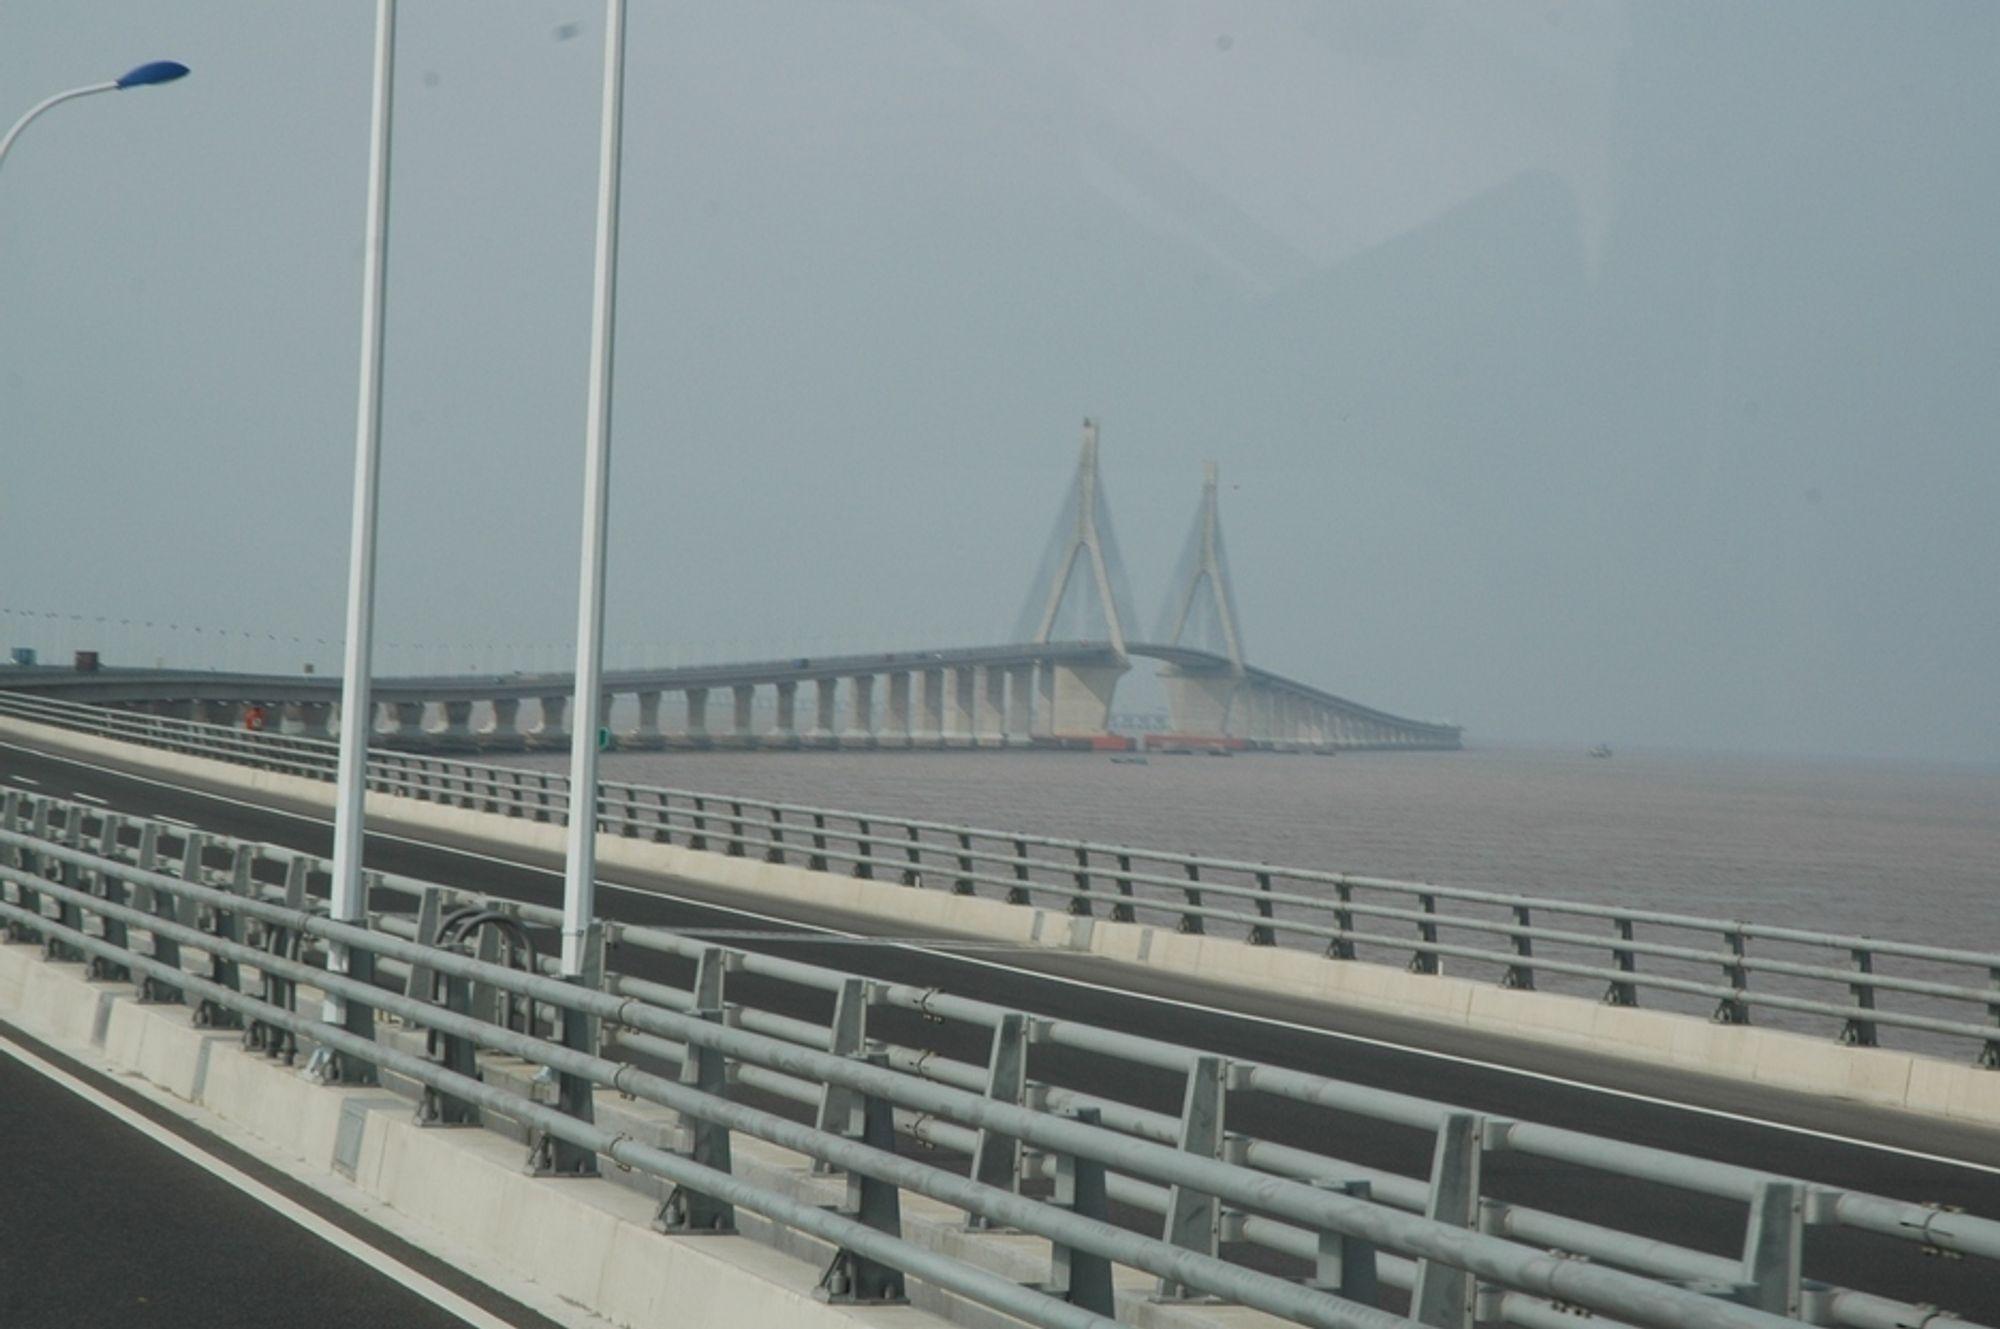 EX-REKORD: Donghai bridge er 32,5 km lang og var verdens lengste bro intil Hangzhou bridge åpnet i 2008, 35,6 km lang. Donghai forbinder Shanghai med Yangshan dypvanns kontainerhavn. Det lengste spennet, se bildet, er på 420 meter og tillater at selv store skip passerer under.